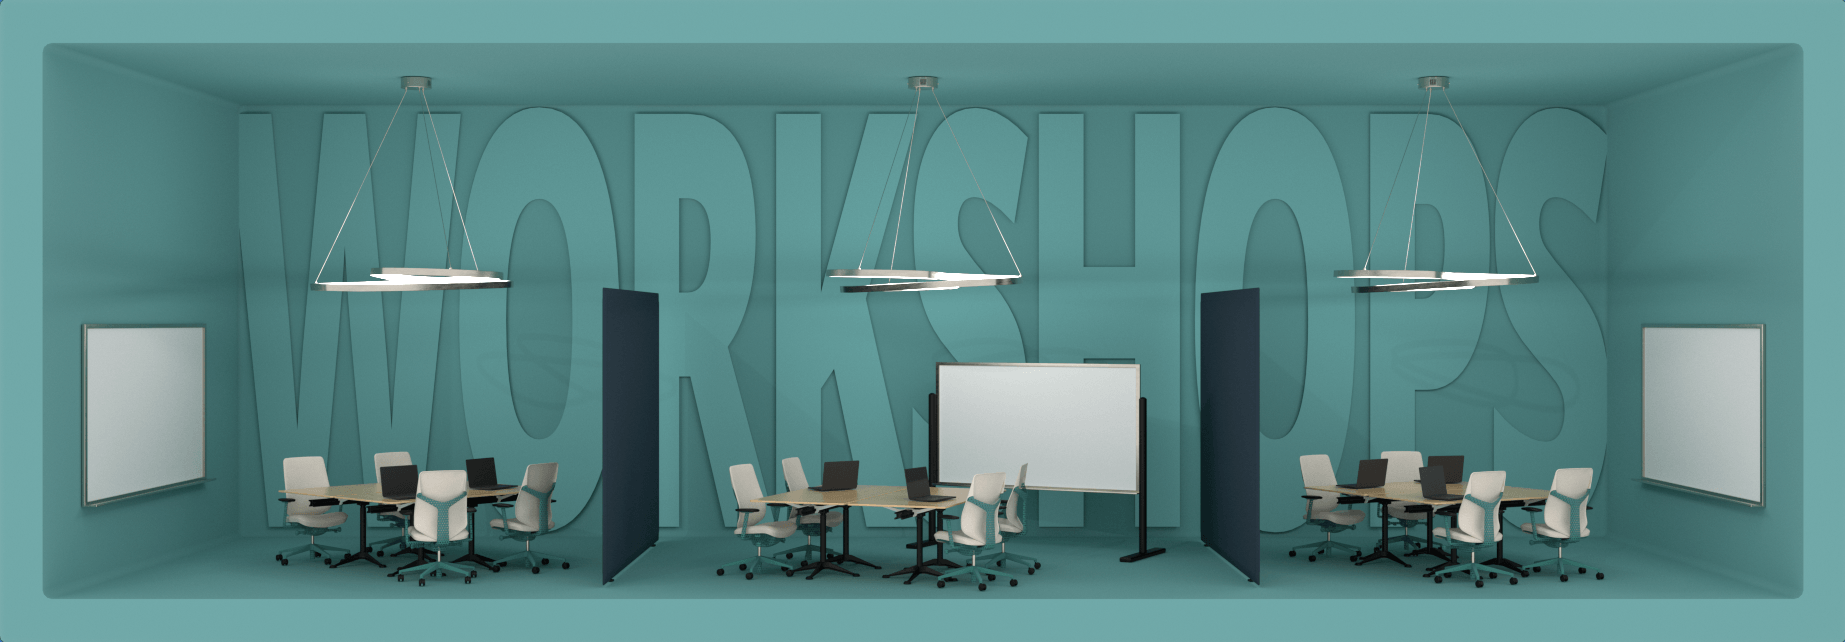 Demo Image - Workshops